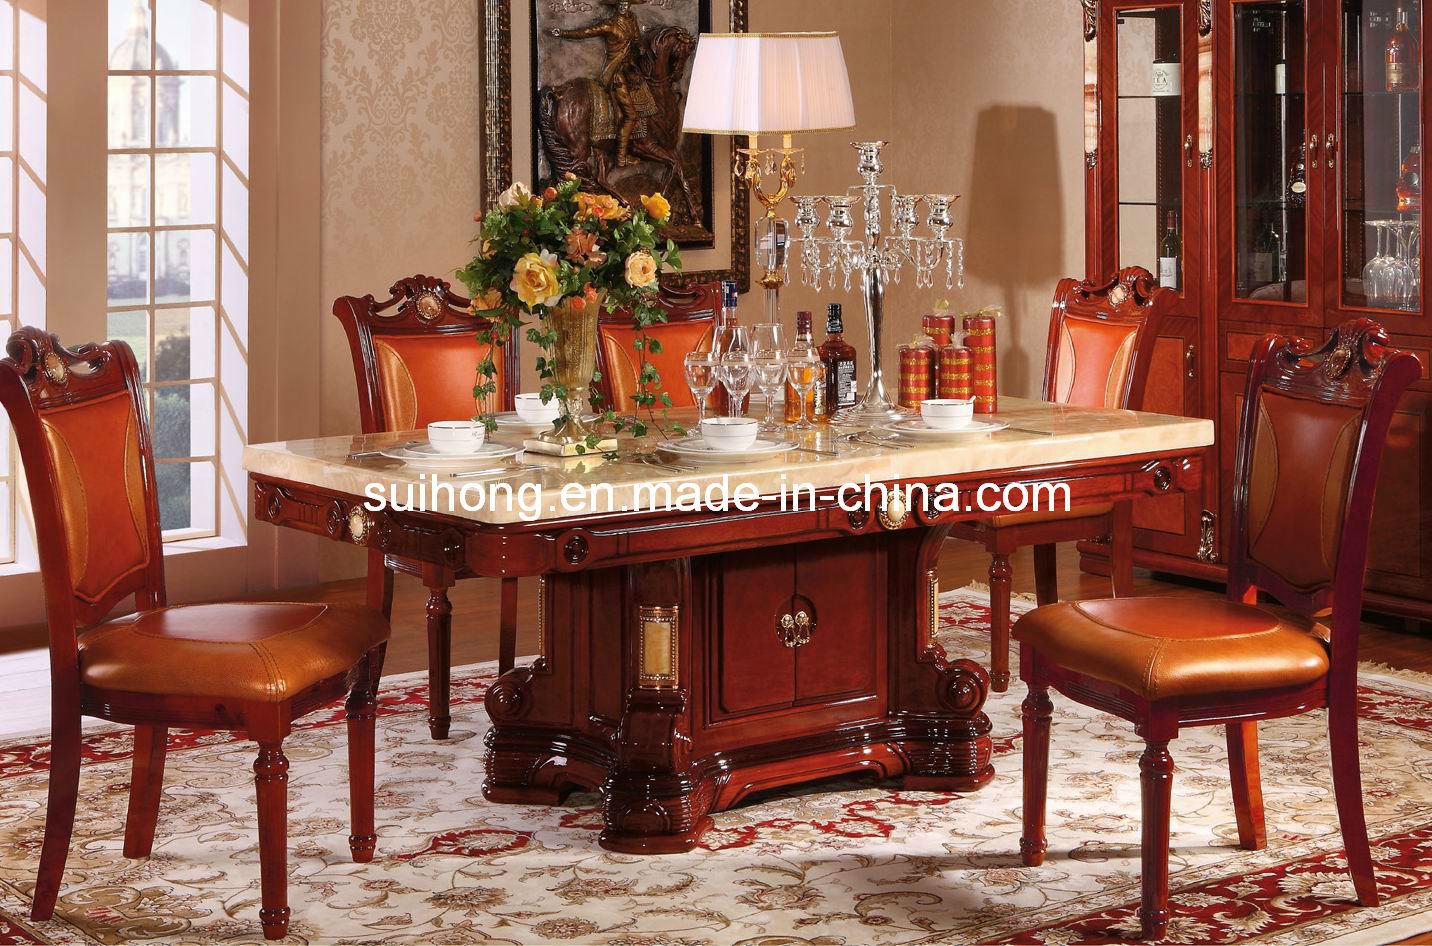 Bois plein de meubles la maison dinant la table de for La maison muebles